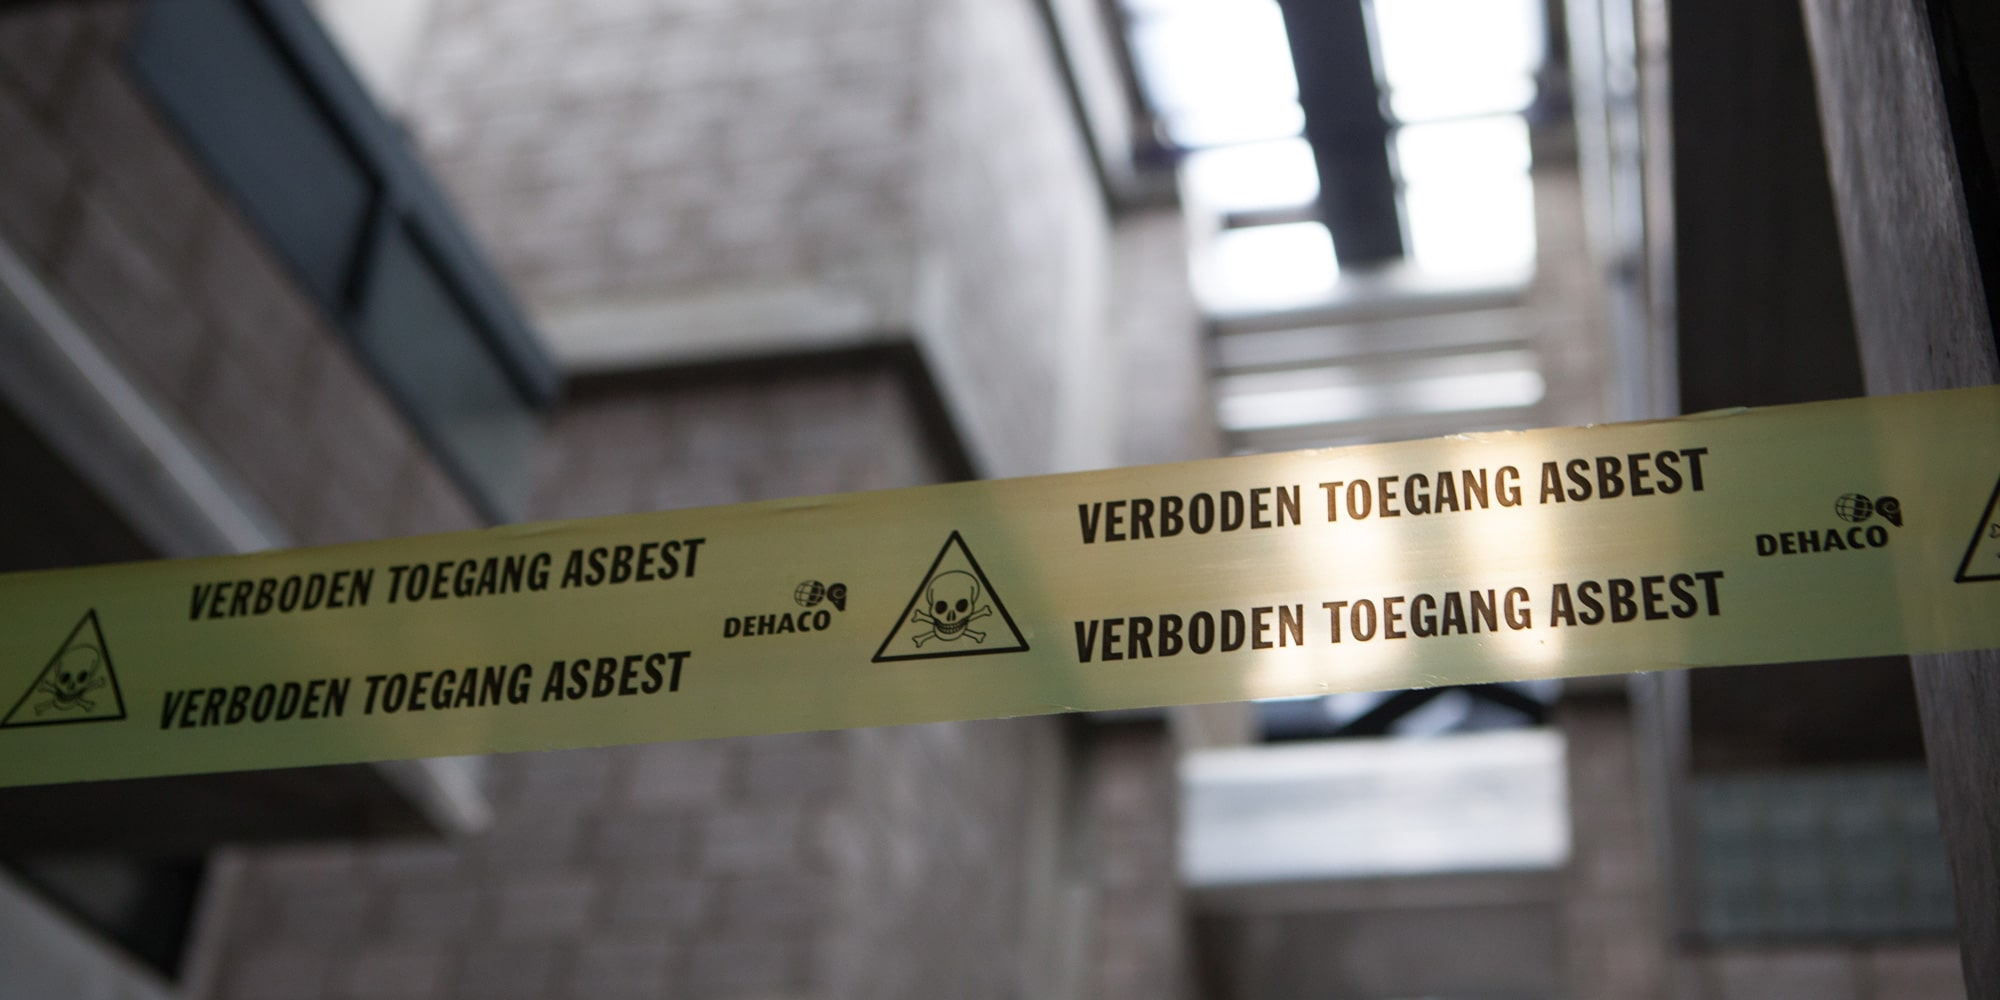 Asbestinventarisatie Apenrots geen alledaagse klus